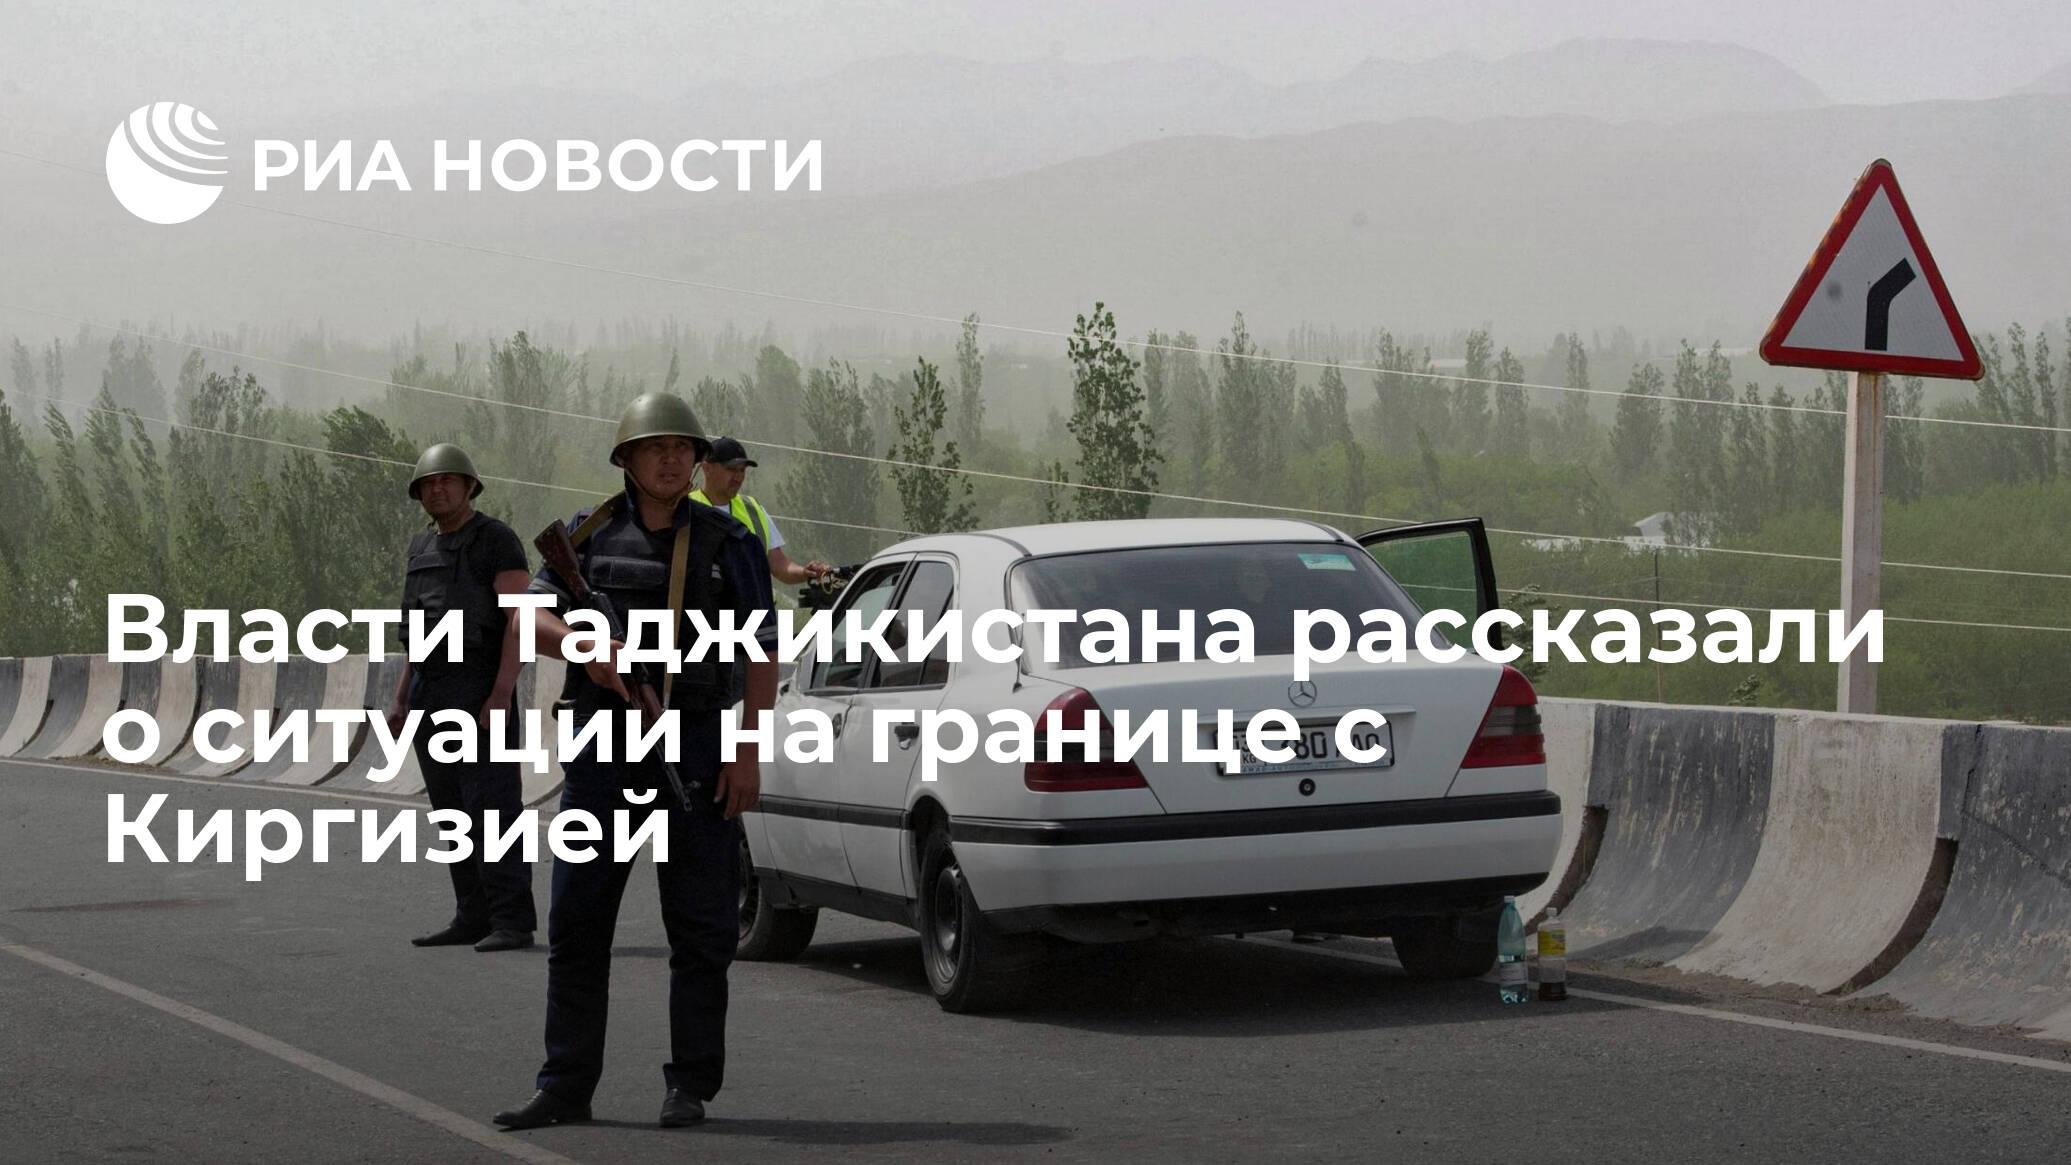 В Таджикистане рассказали о ситуации на границе с Киргизией